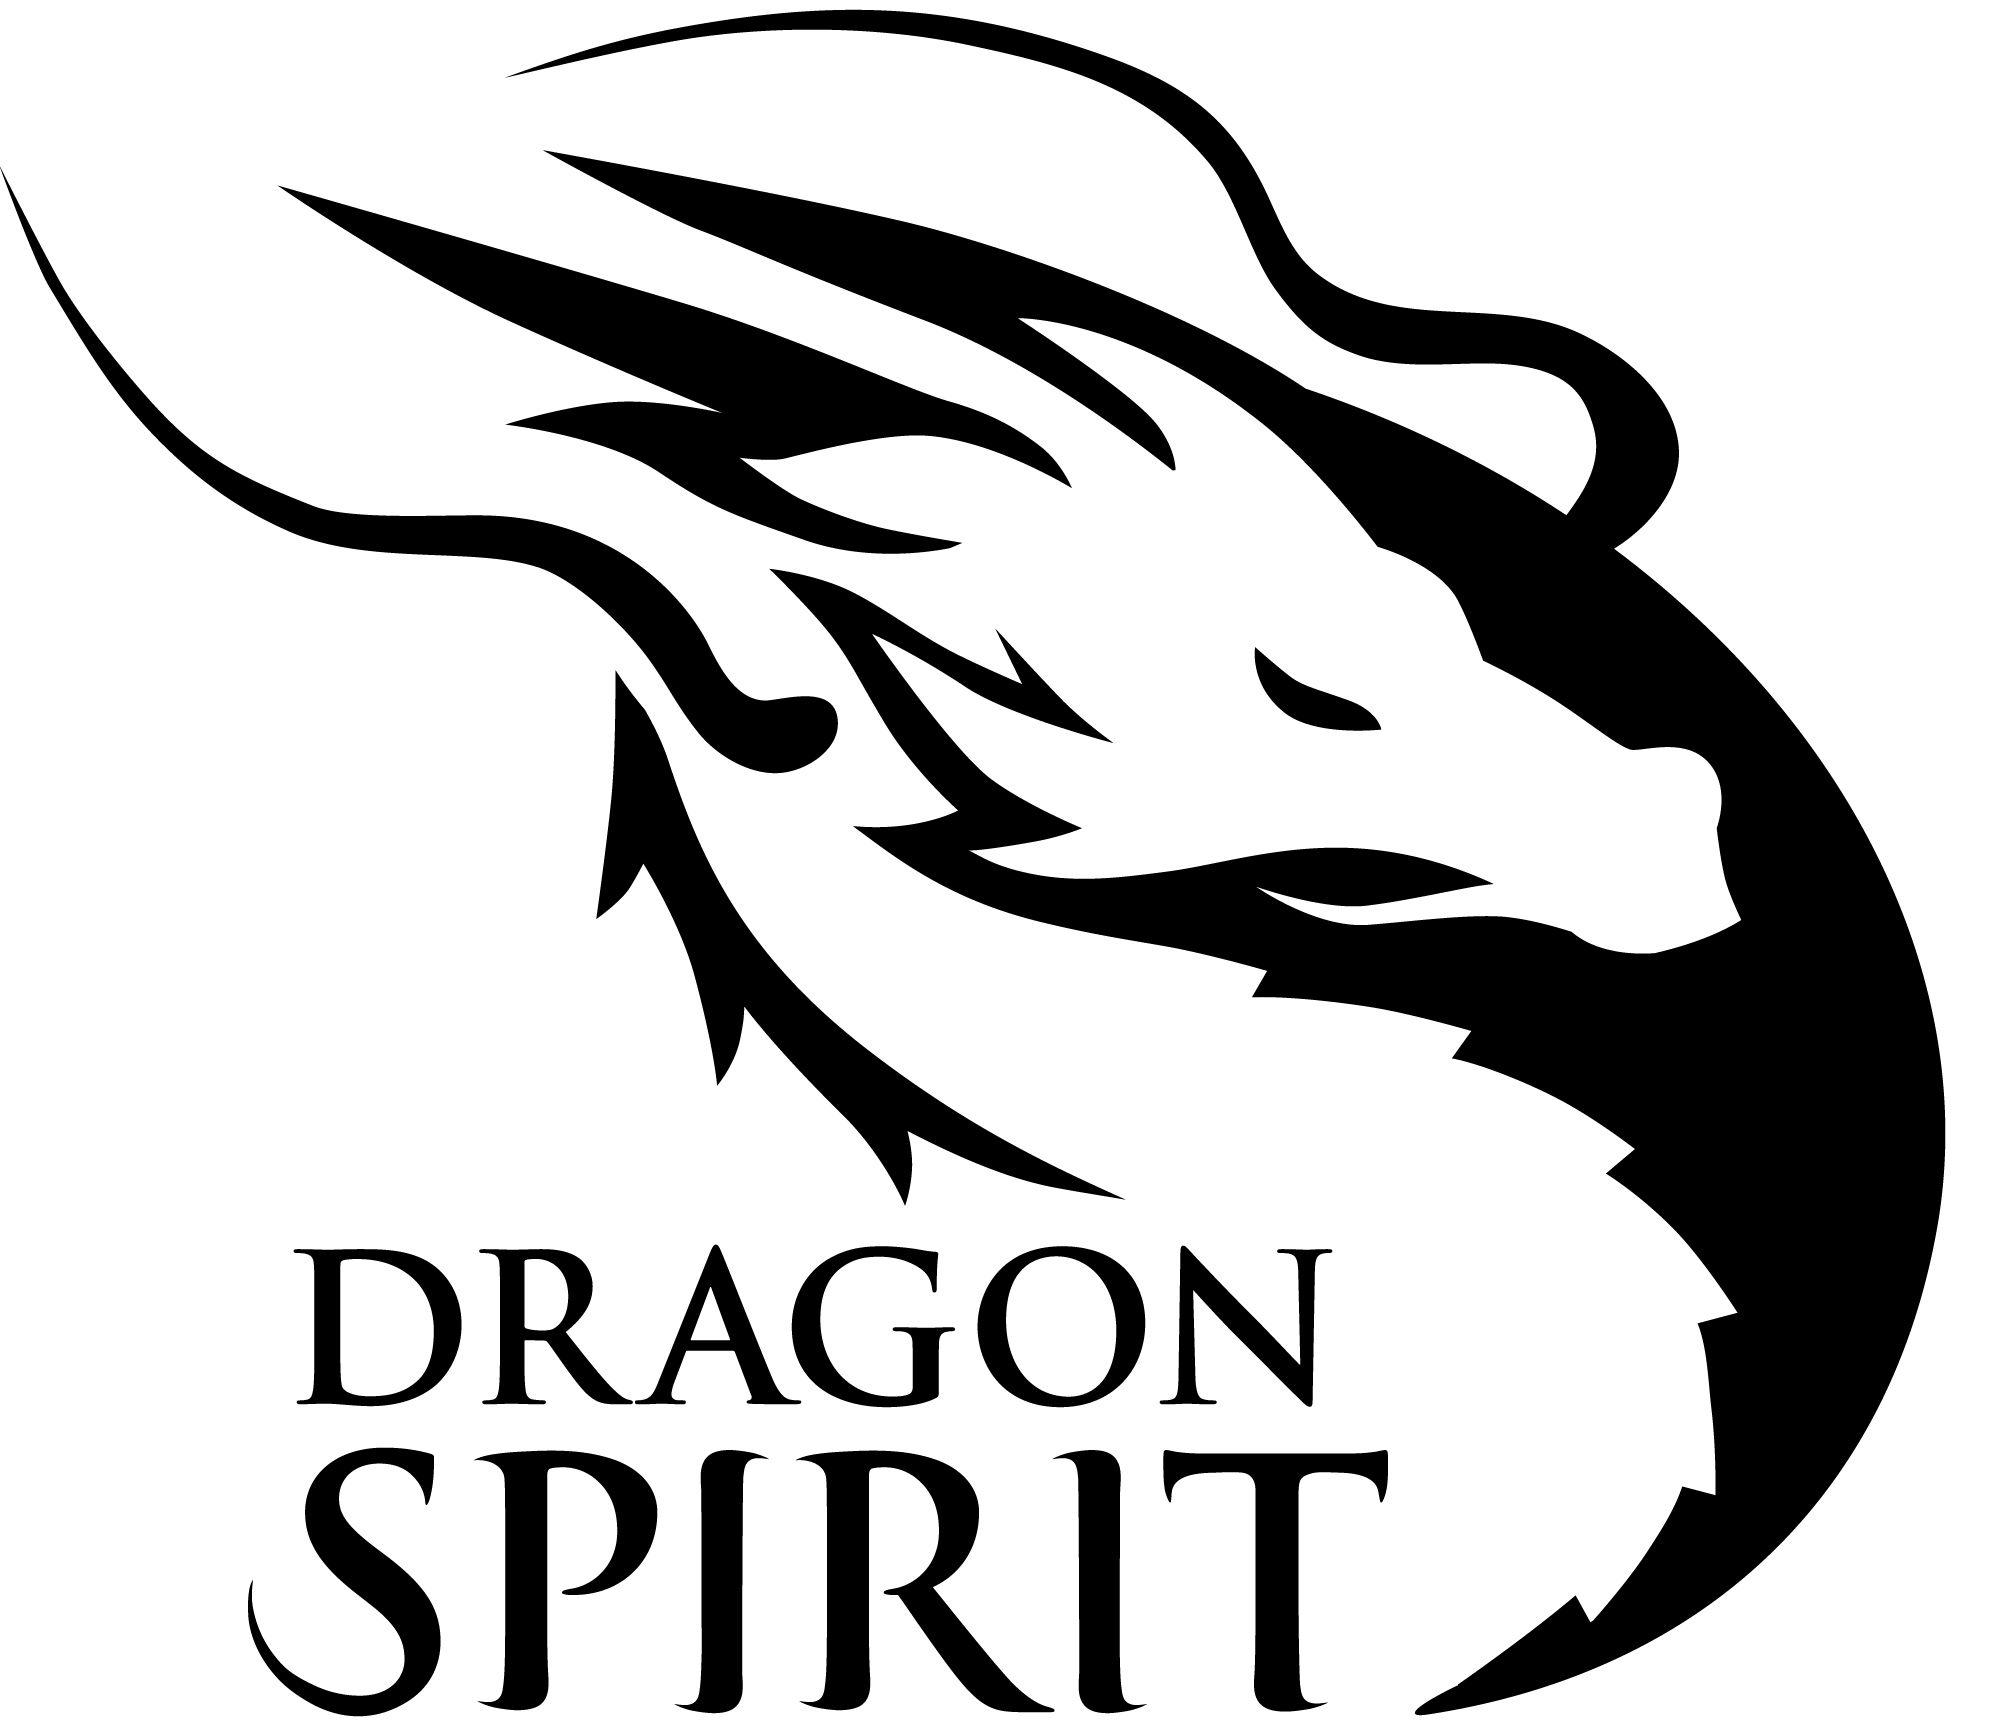 1bd3959ac4e8d9bcba78f3a8e93f1ba3.jpg (1996×1723) Logo